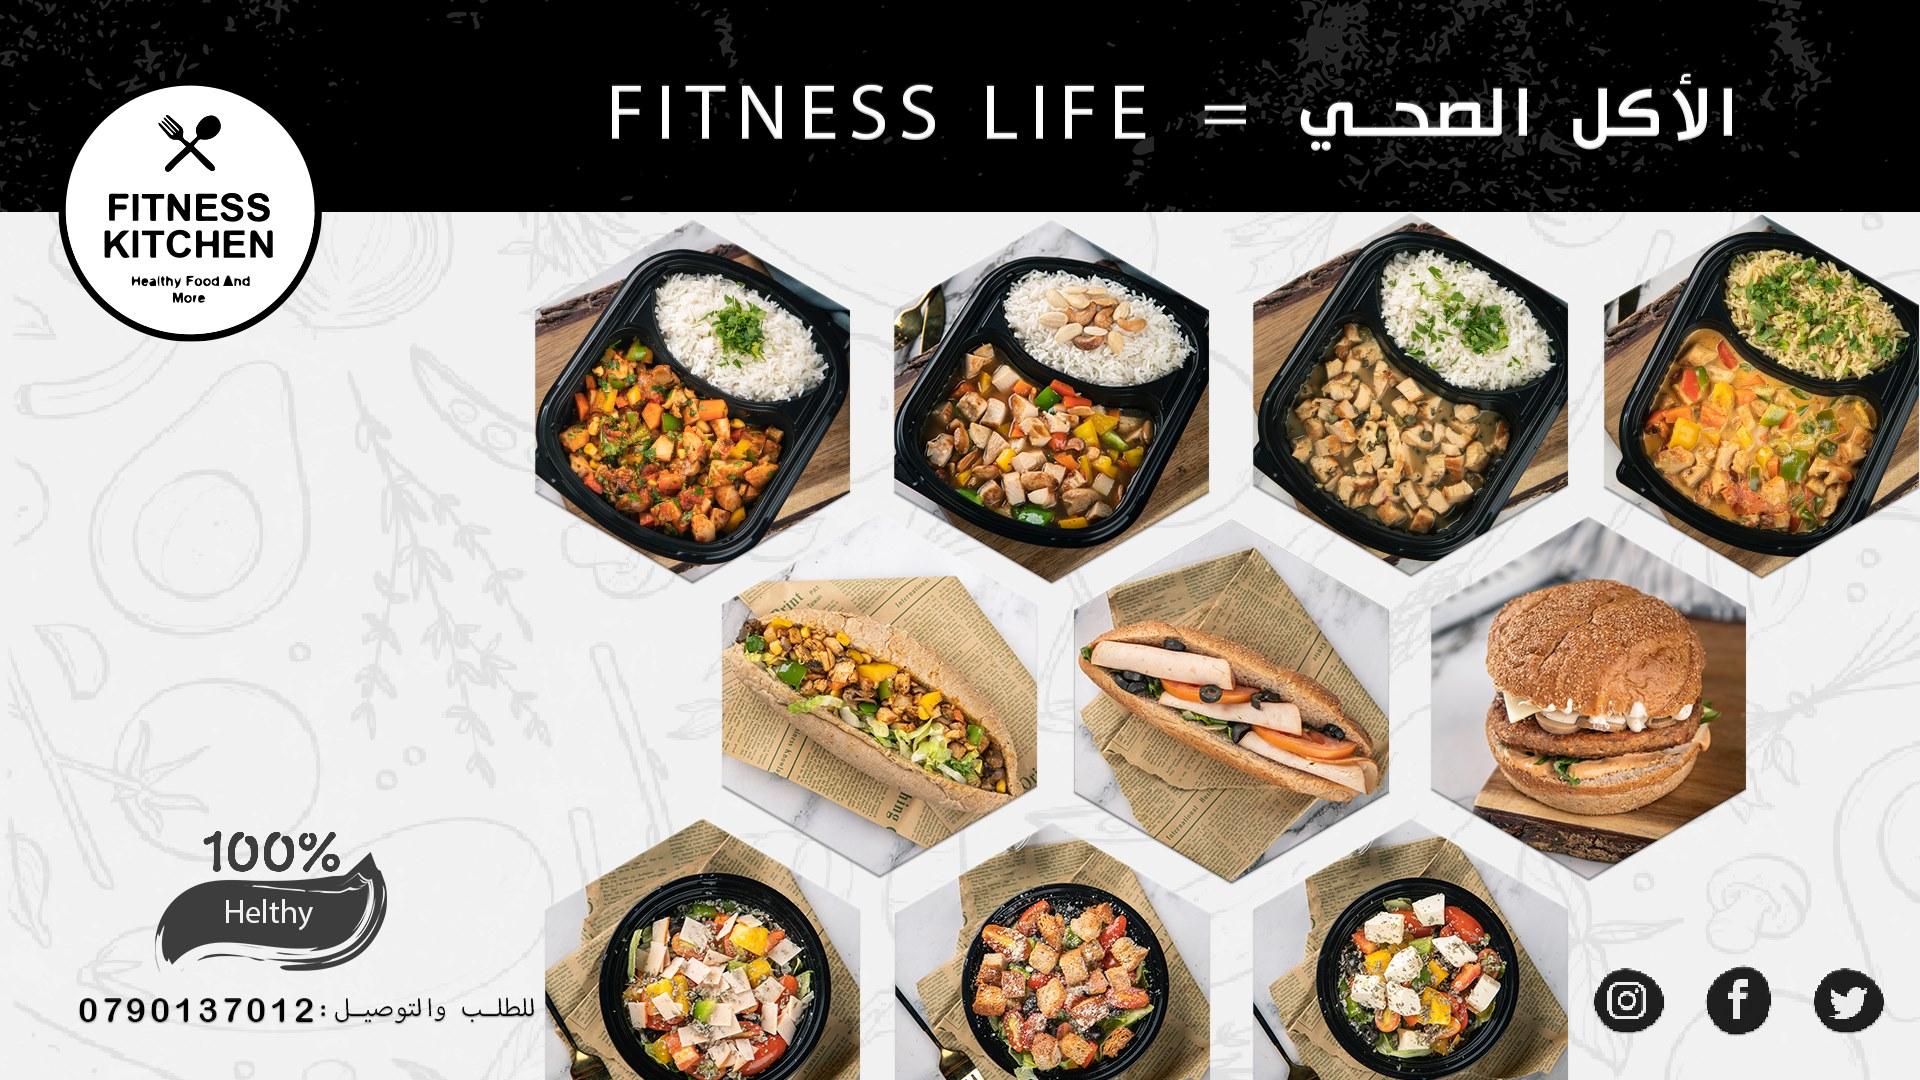 Fitness Kitchen